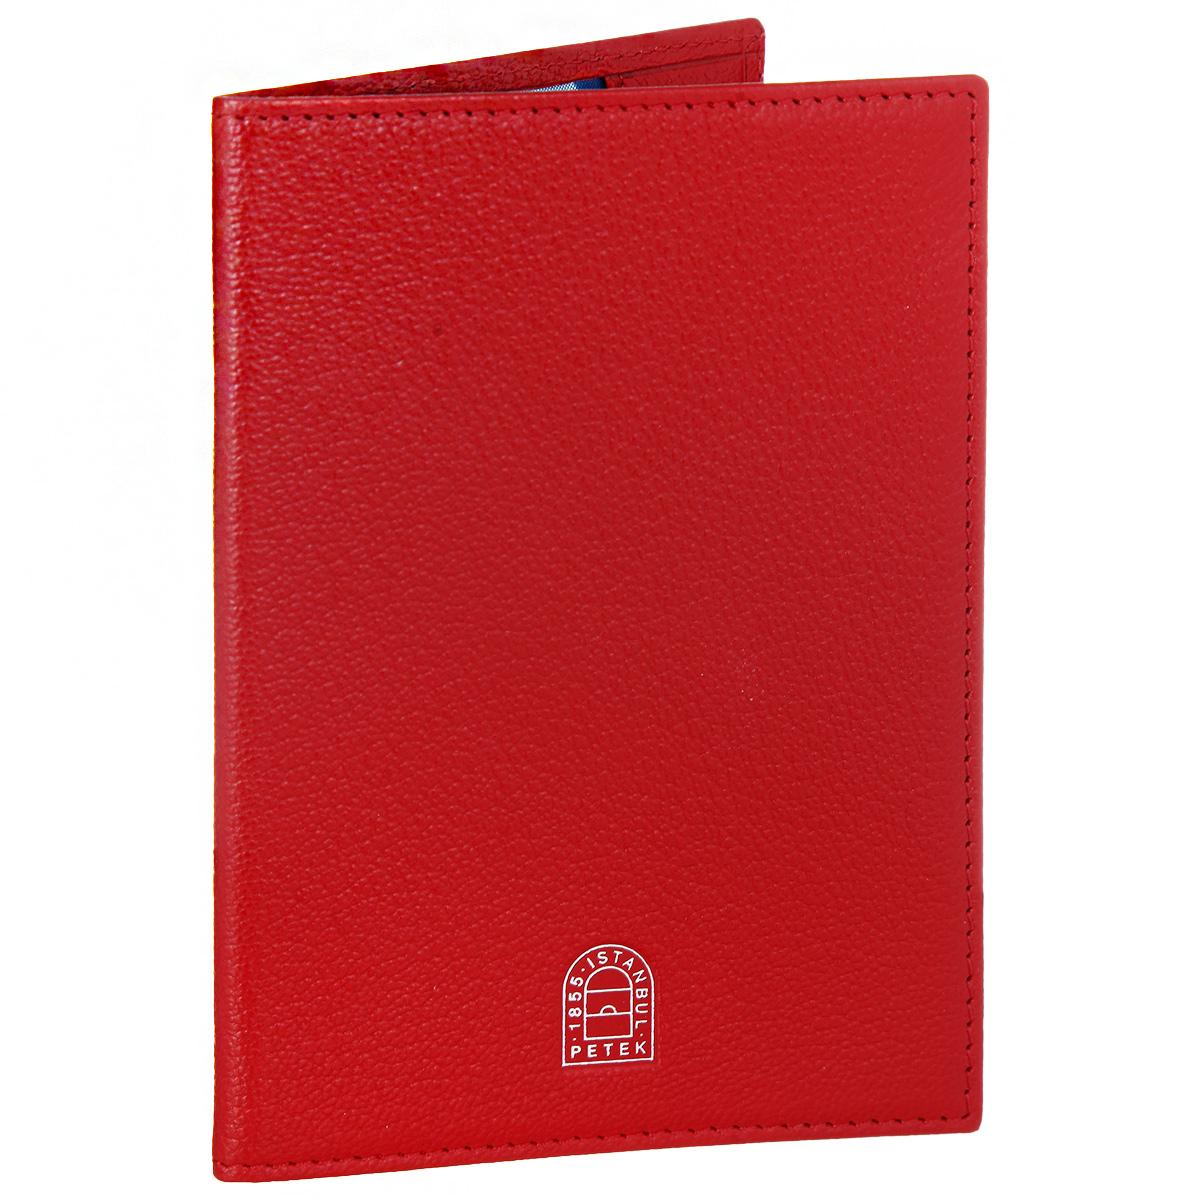 Обложка для паспорта Petek 1855, цвет: красный. S15019.ALS.10 RedНатуральная кожаСтильная обложка для паспорта Petek 1855 выполнена из натуральной кожи контрастных оттенков с зернистой текстурой. Обложка оформлена декоративной строчкой и тиснением с названием бренда. На оборотной стороне имеет карман для посадочного талона.Элегантная обложка Petek 1855 не только поможет сохранить внешний вид ваших документов и защитит их от повреждений, но и станет стильным аксессуаром, идеально подходящим вашему образу.